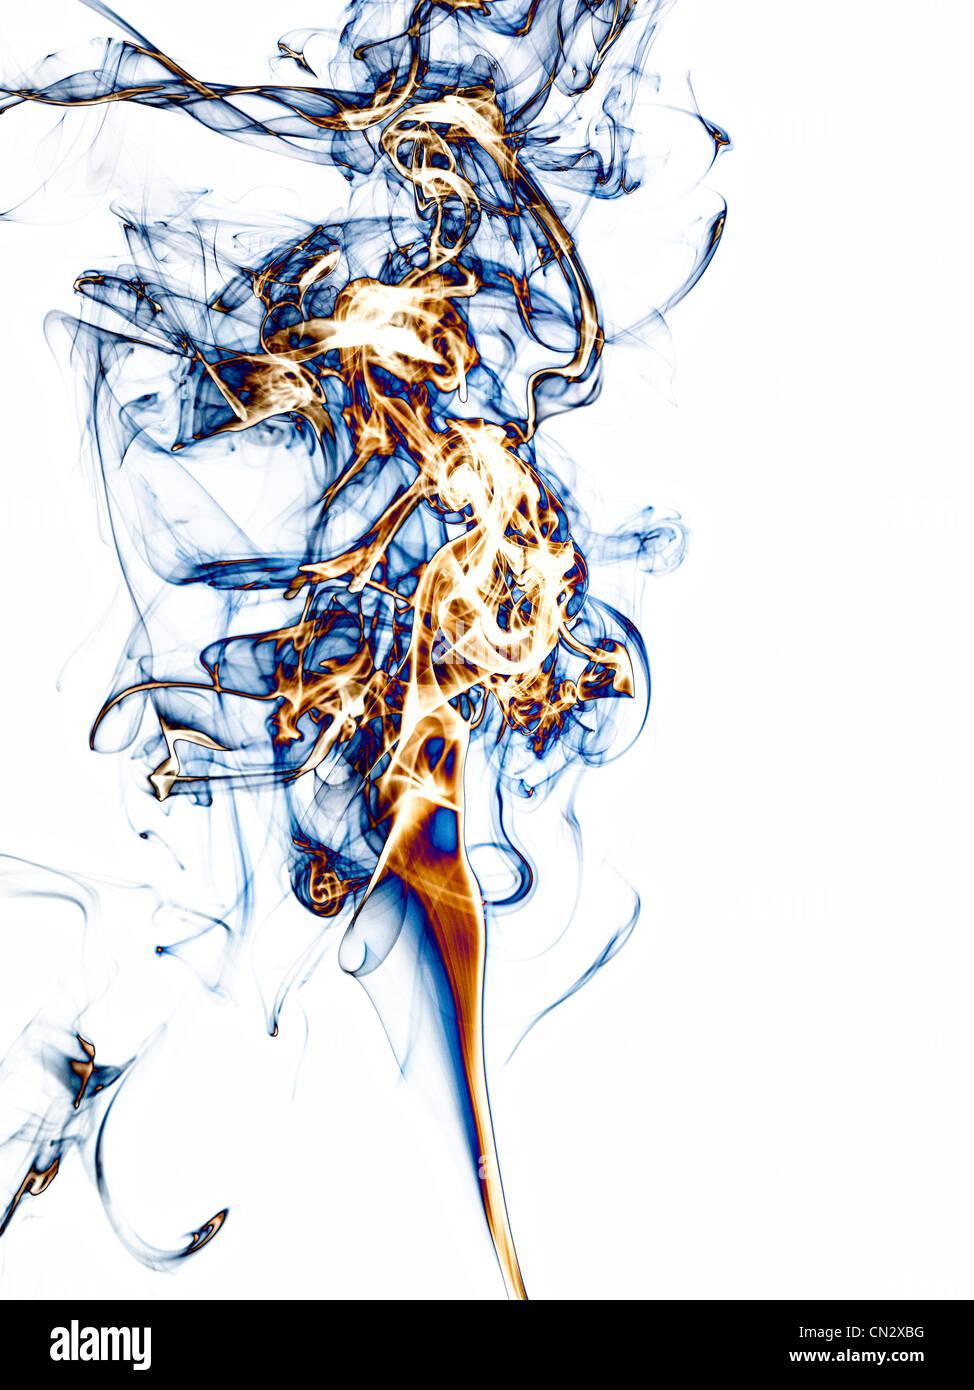 Smoke on white background - Stock Image